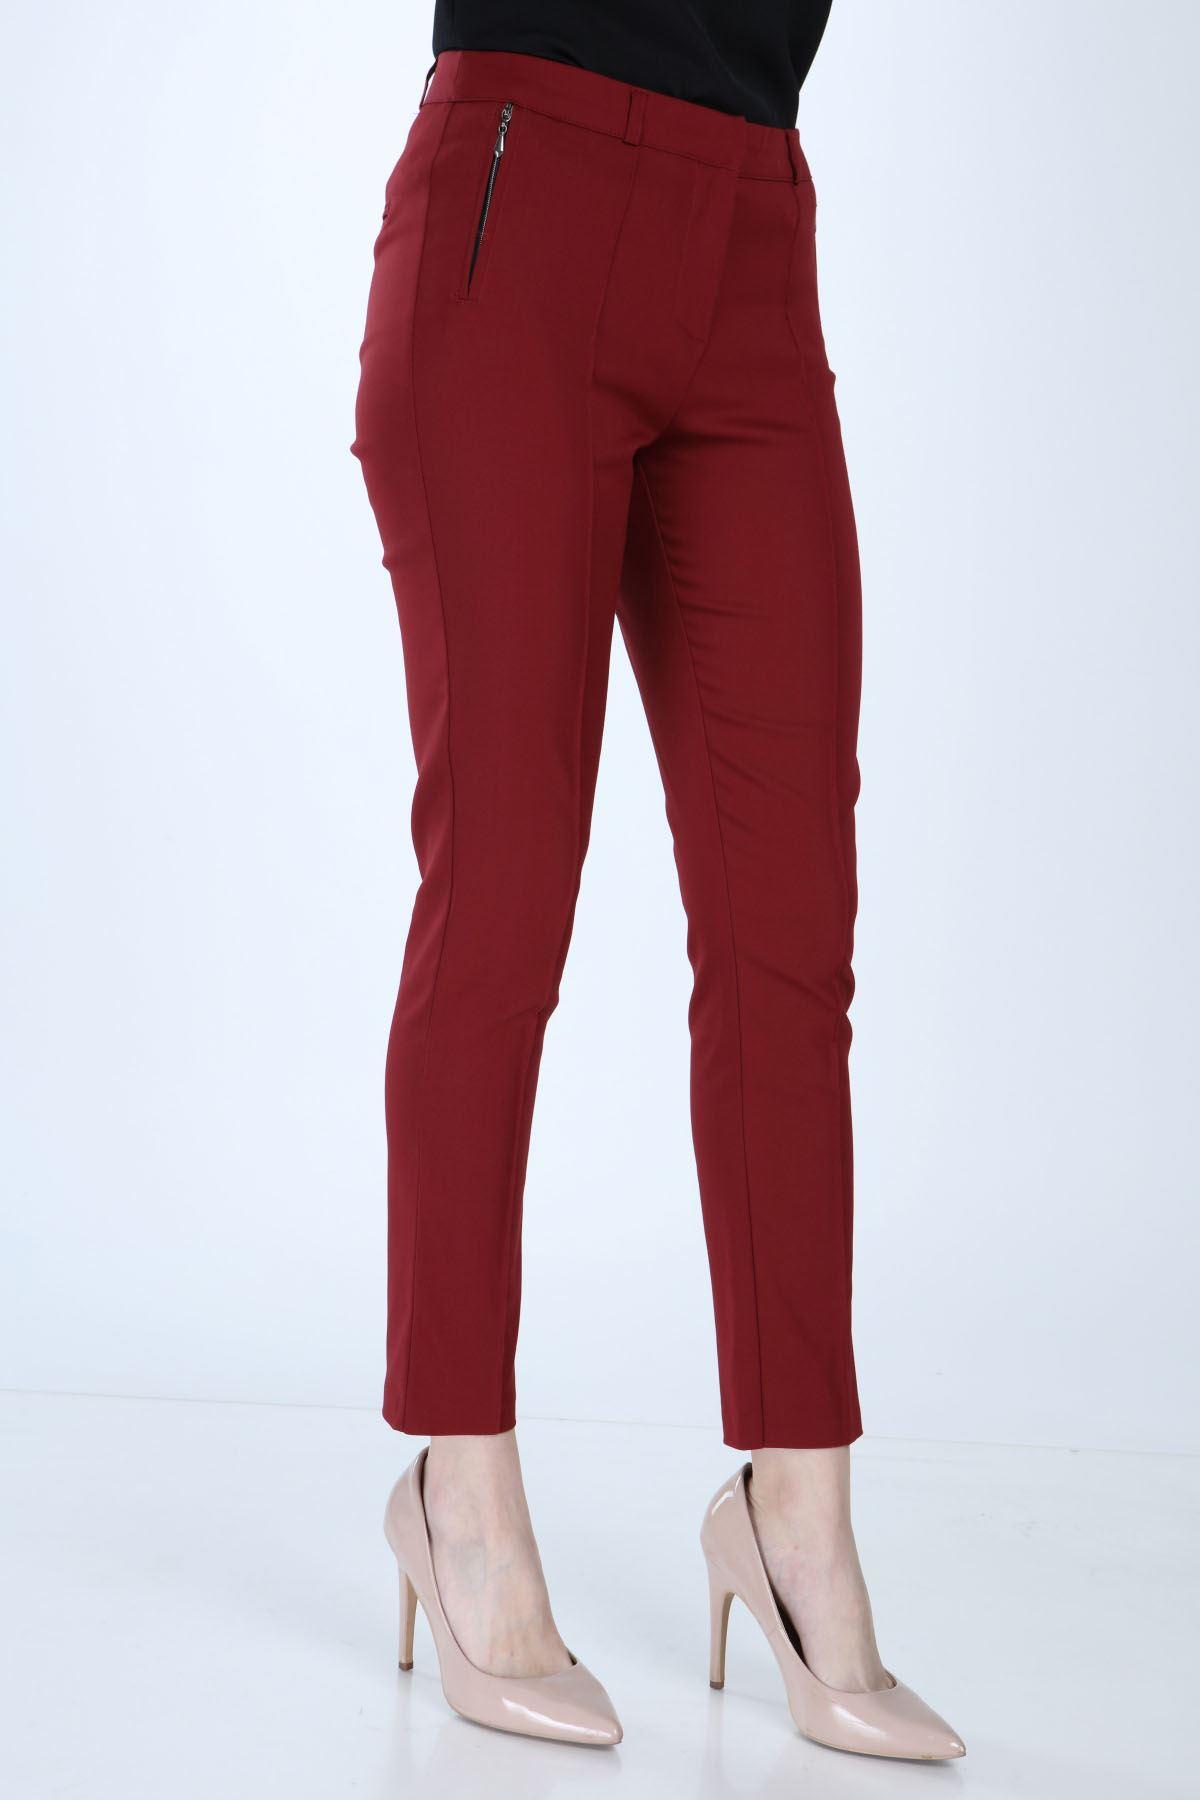 Kadın Bordo Cepli Kumaş Pantolon 2D-1006